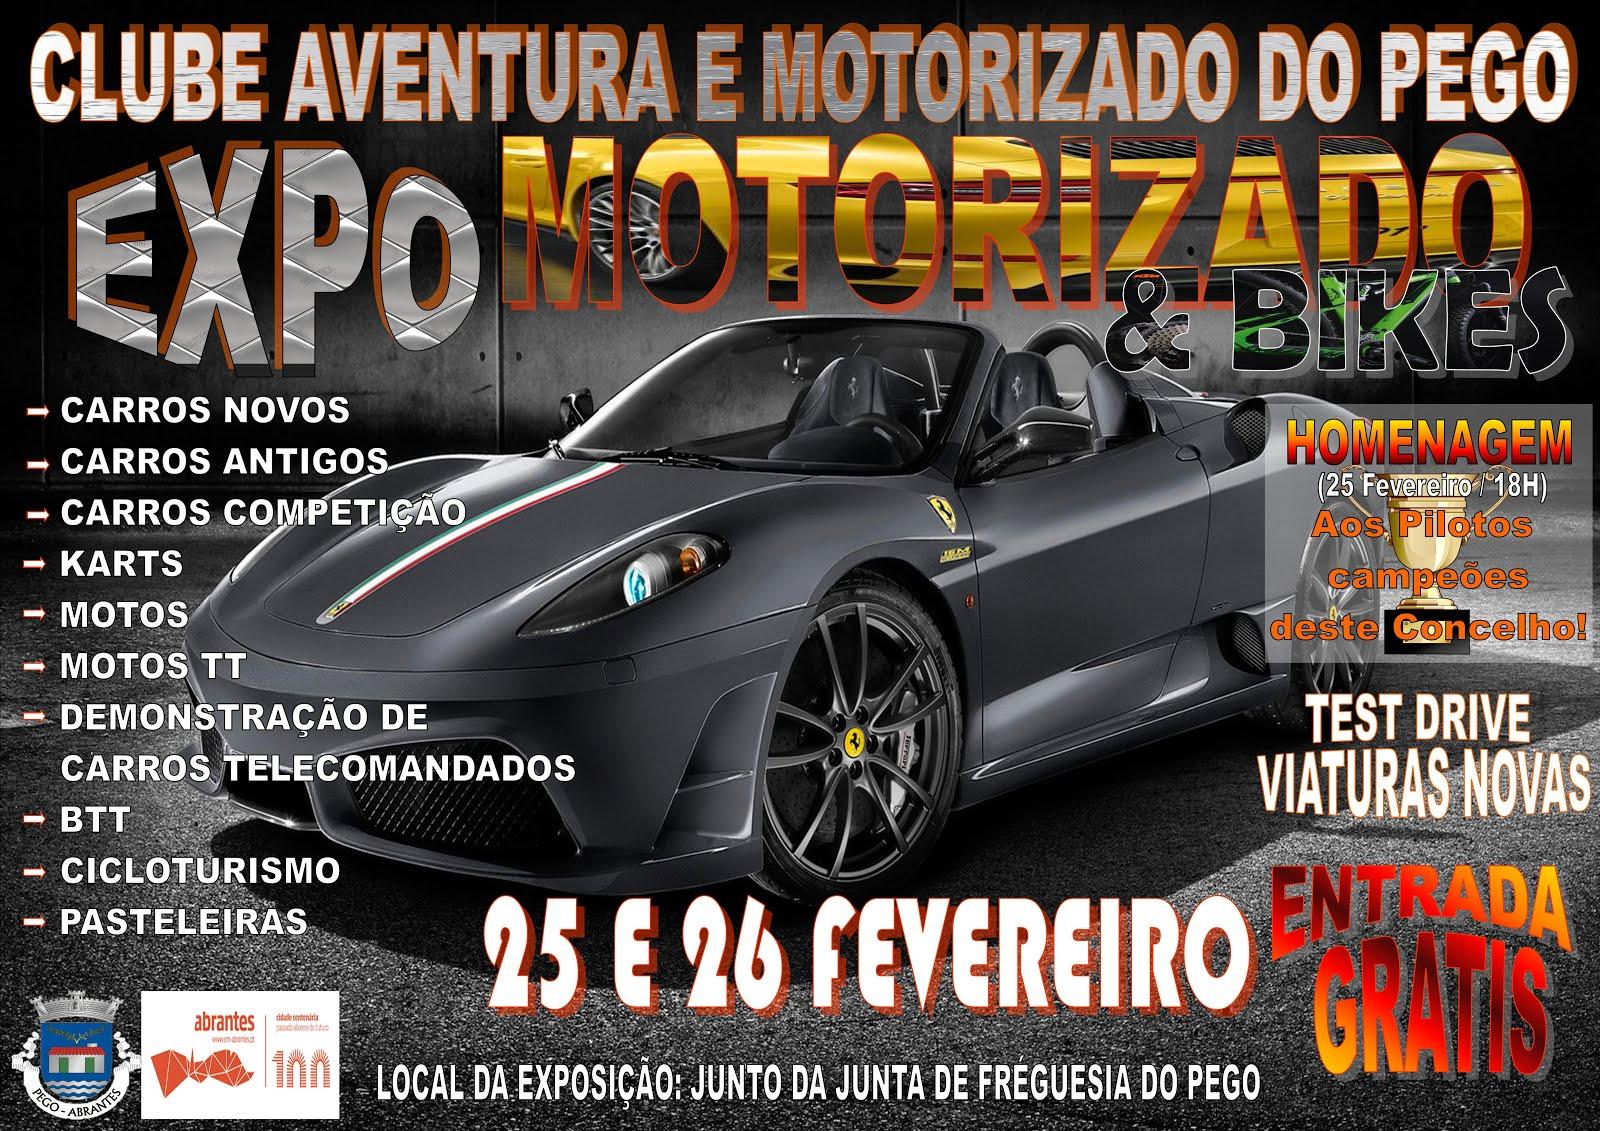 EXPO MOTORIZADO & BIKES 2017